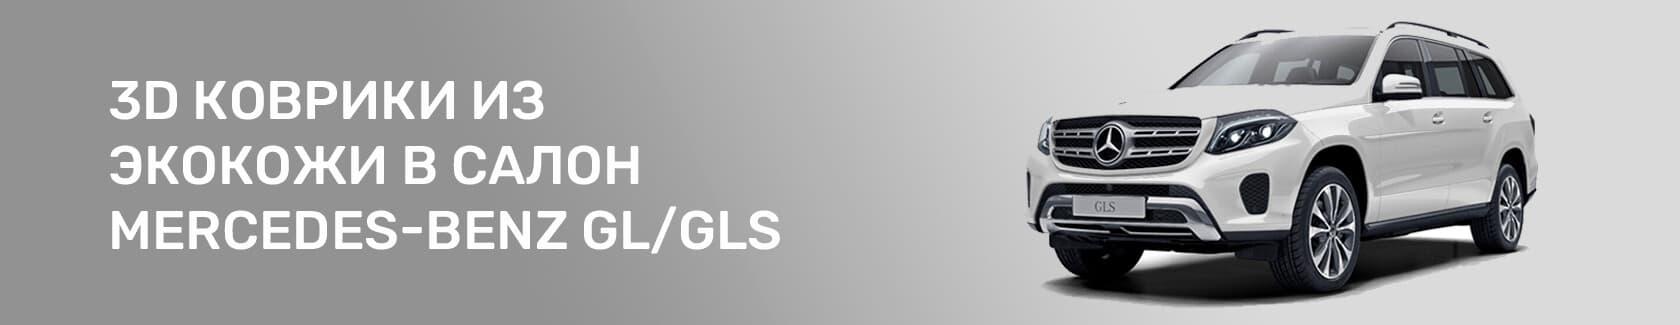 Коврики из экокожи на Mercedes-Benz GL/GLS